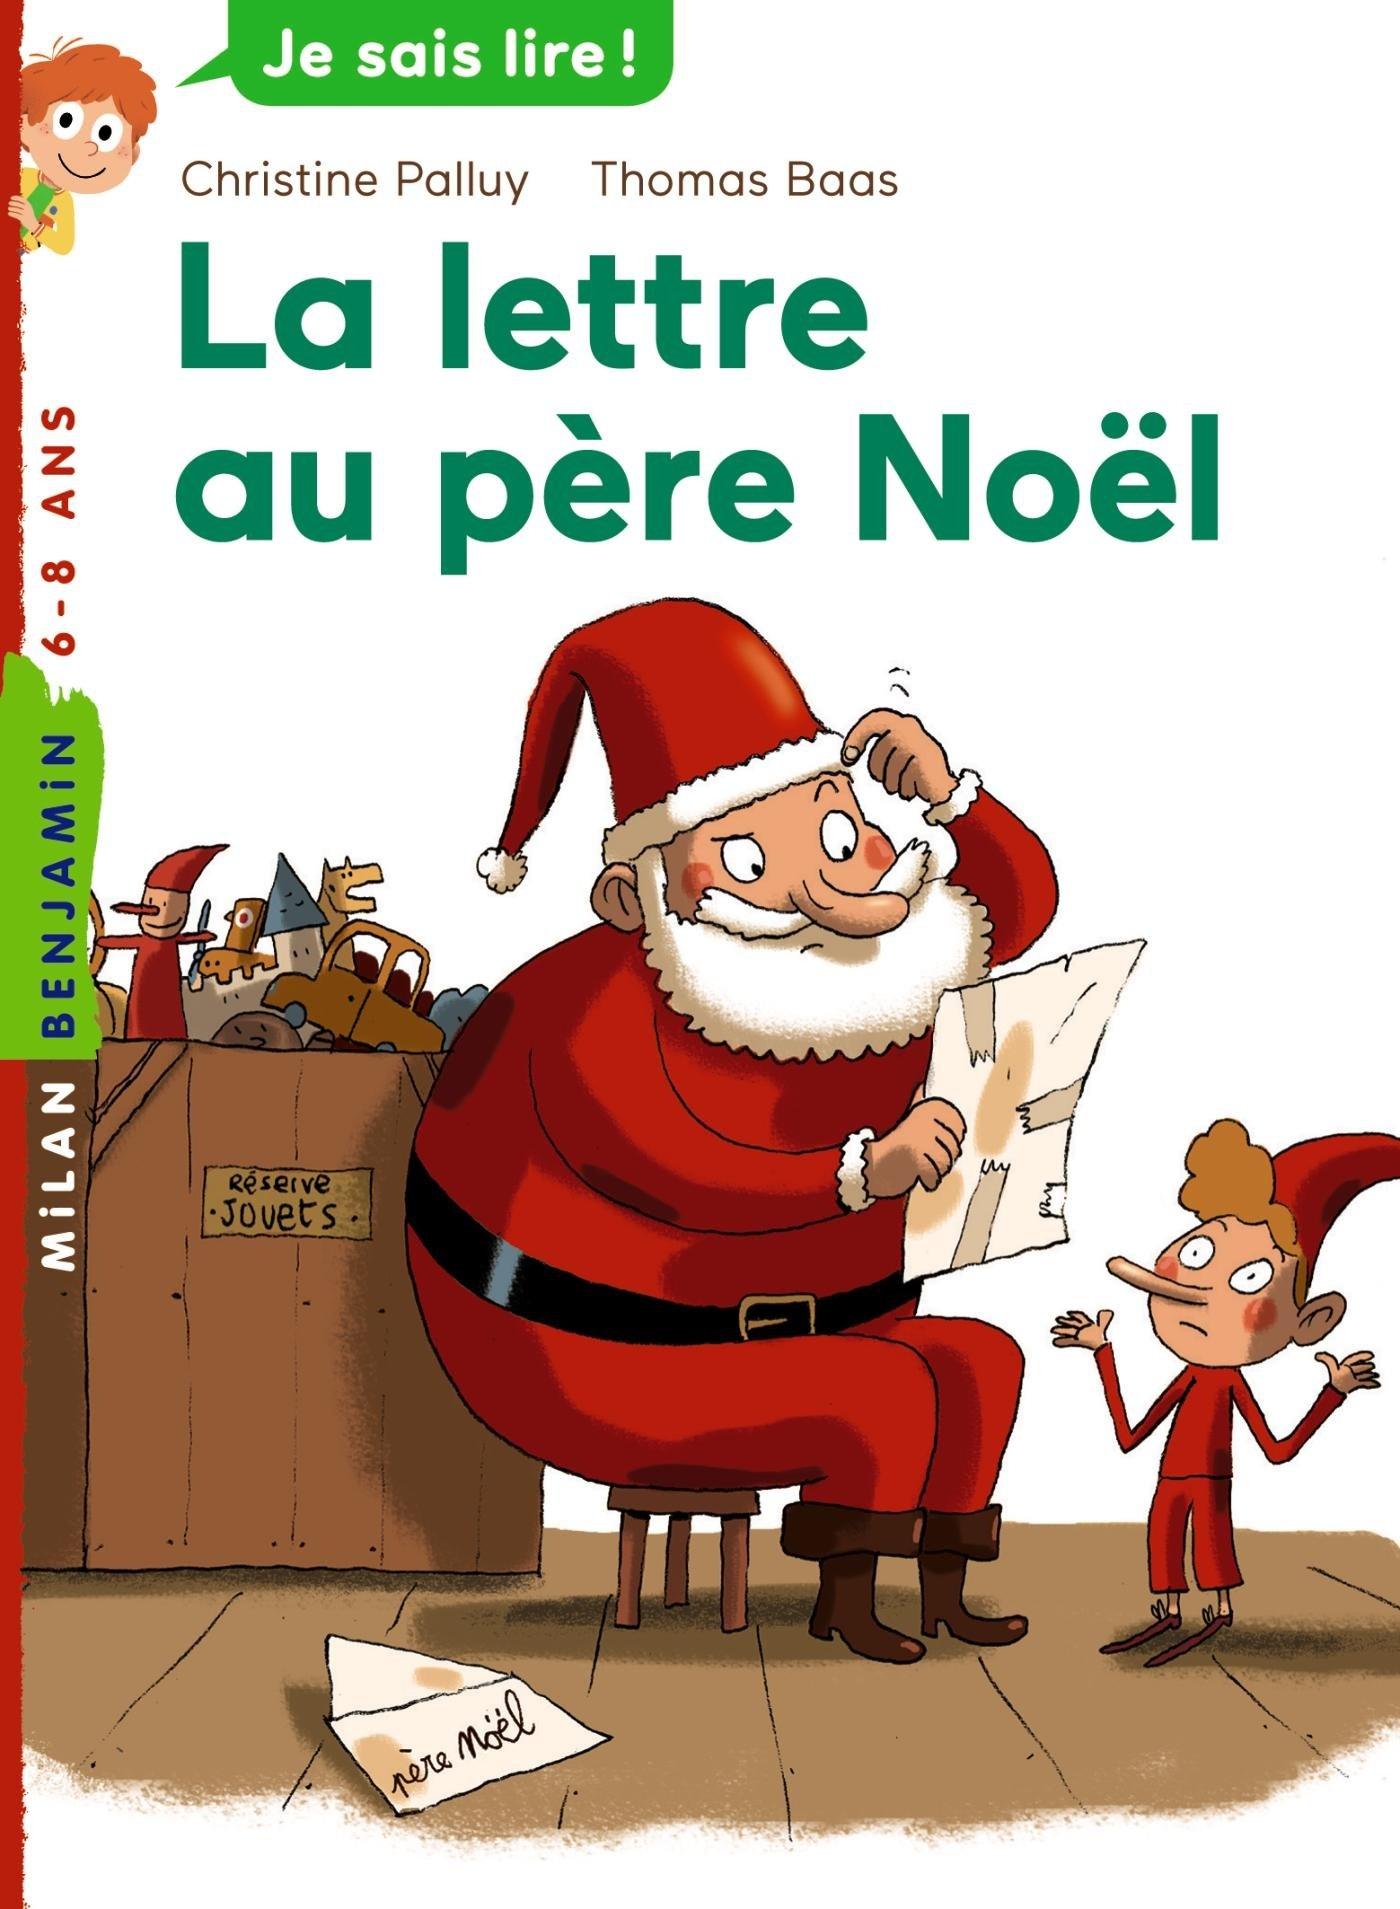 la lettre livre Amazon.fr   La lettre au père Noël   Christine Palluy, Thomas Baas  la lettre livre